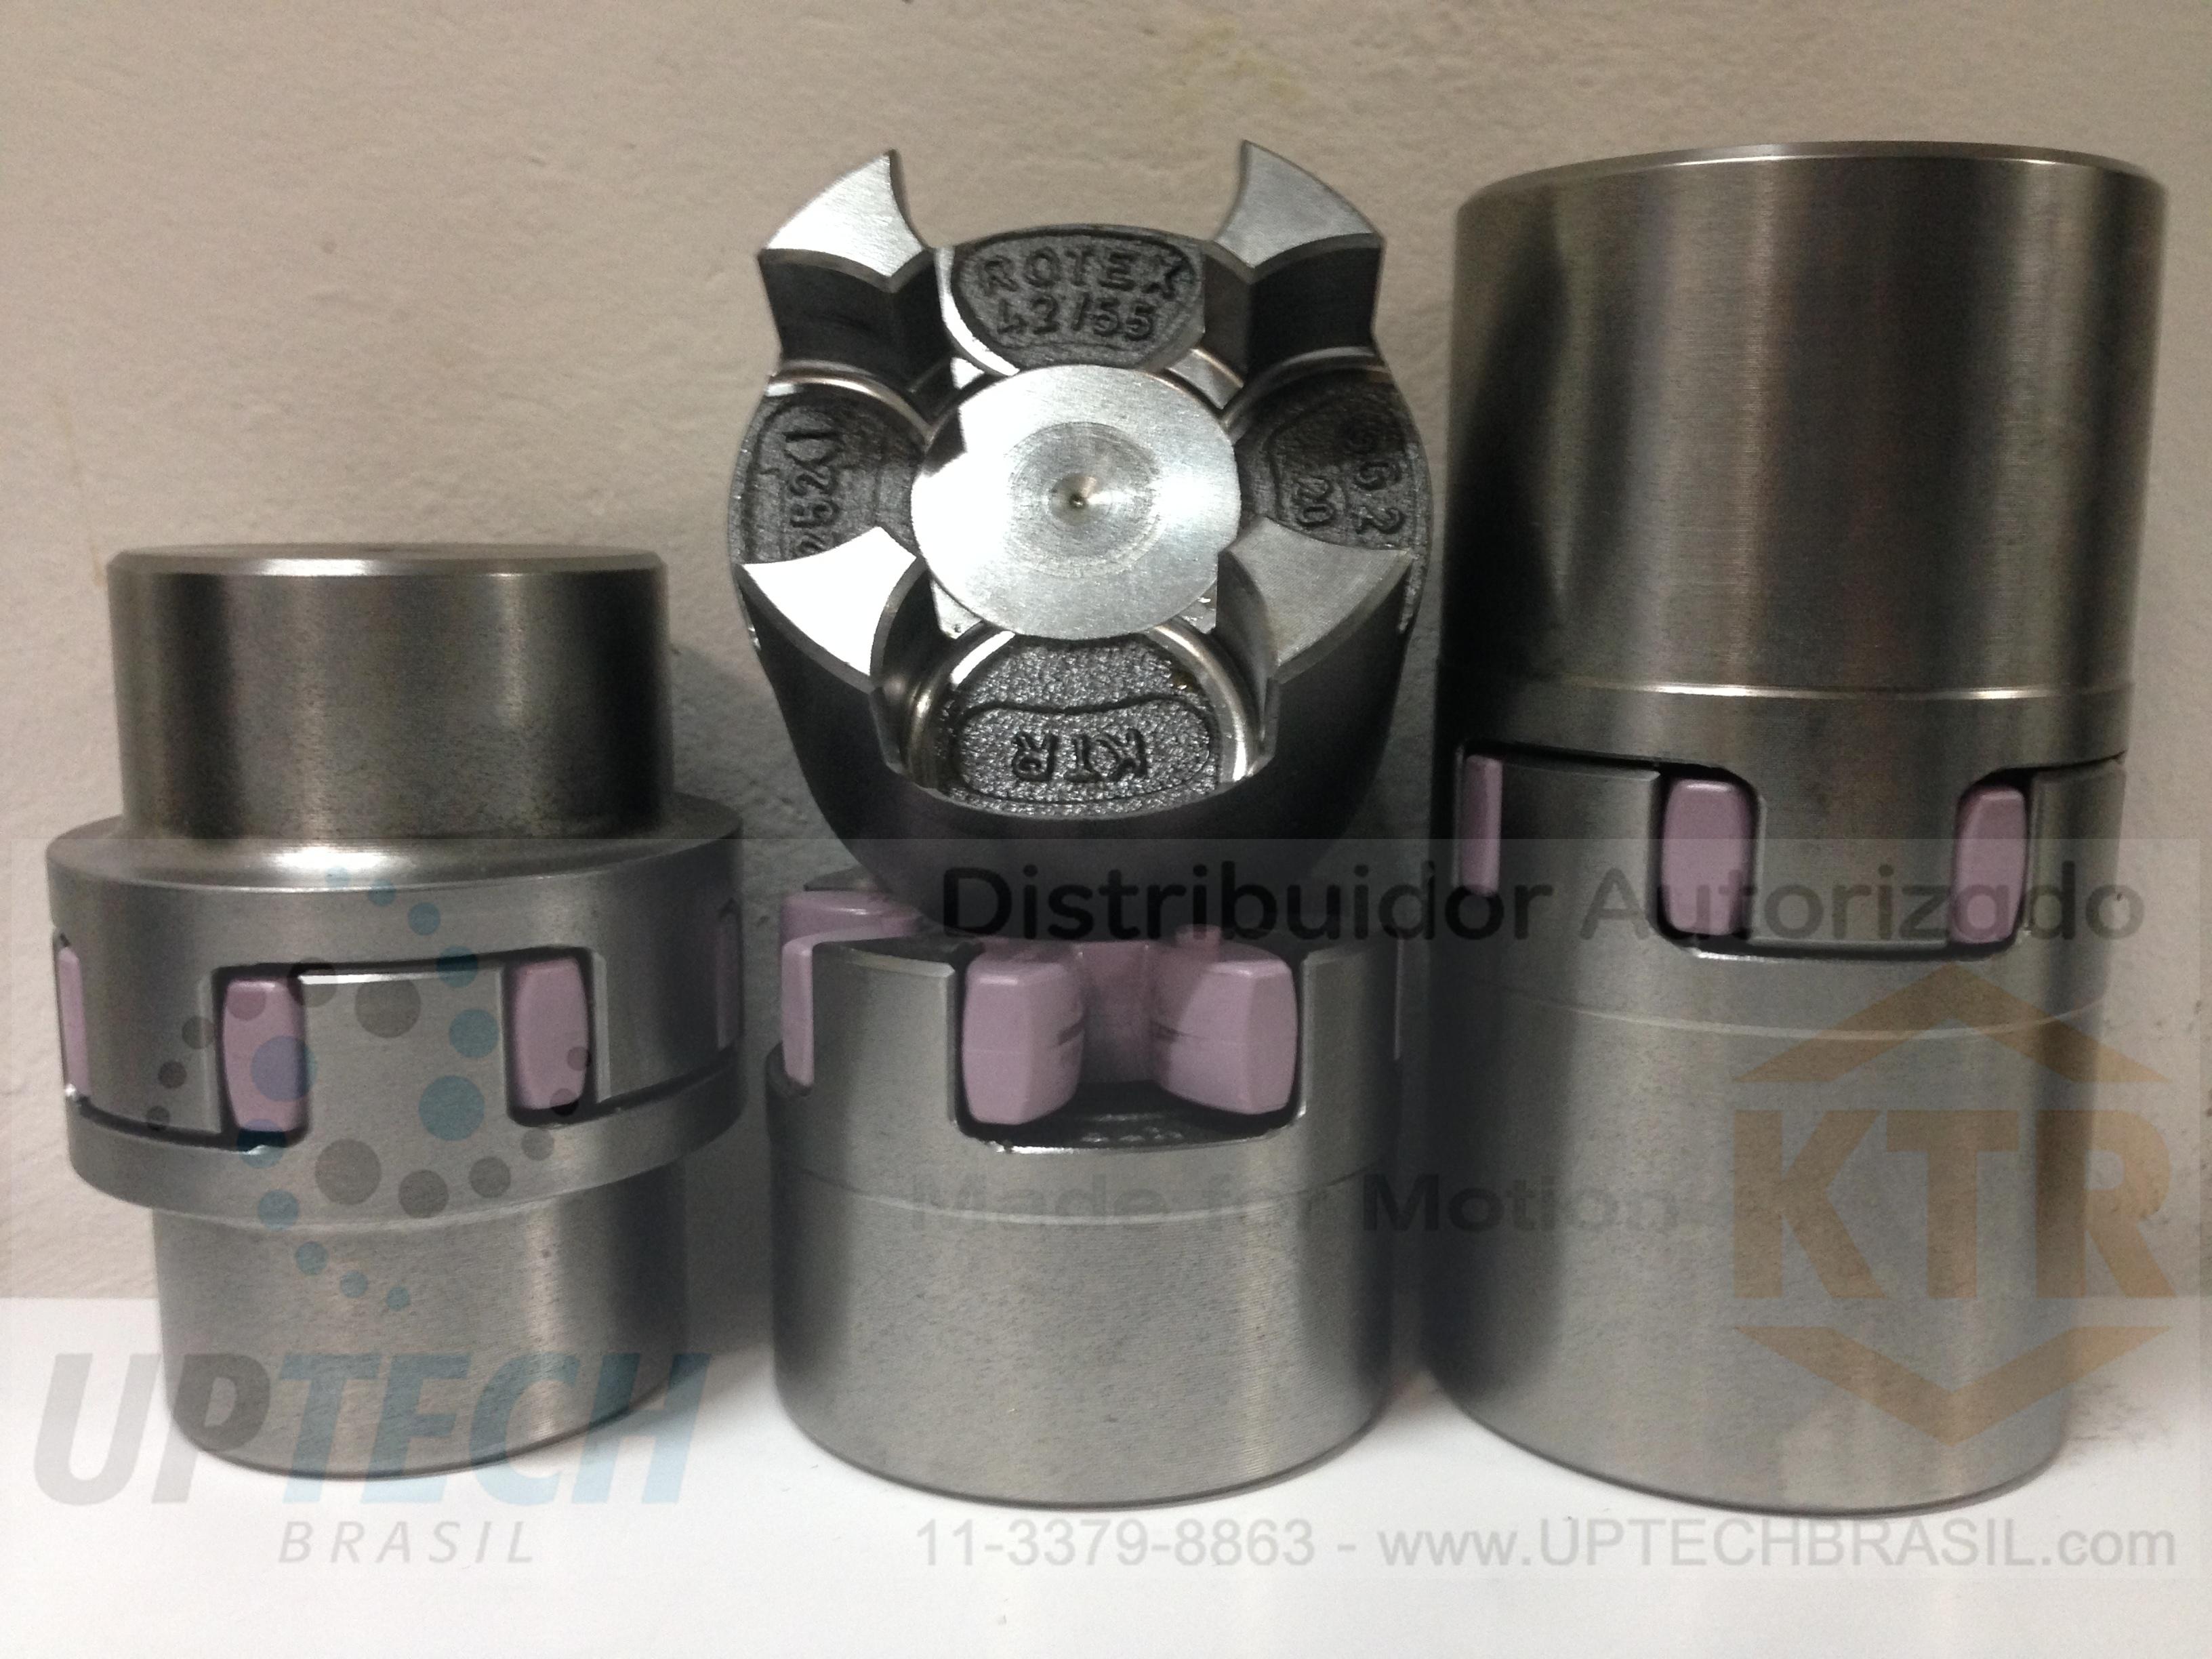 ACOPLAMENTOS KTR ROTEX® GG25 (Ferro Fundido) - CUBOS - 1 / 1a / 1b